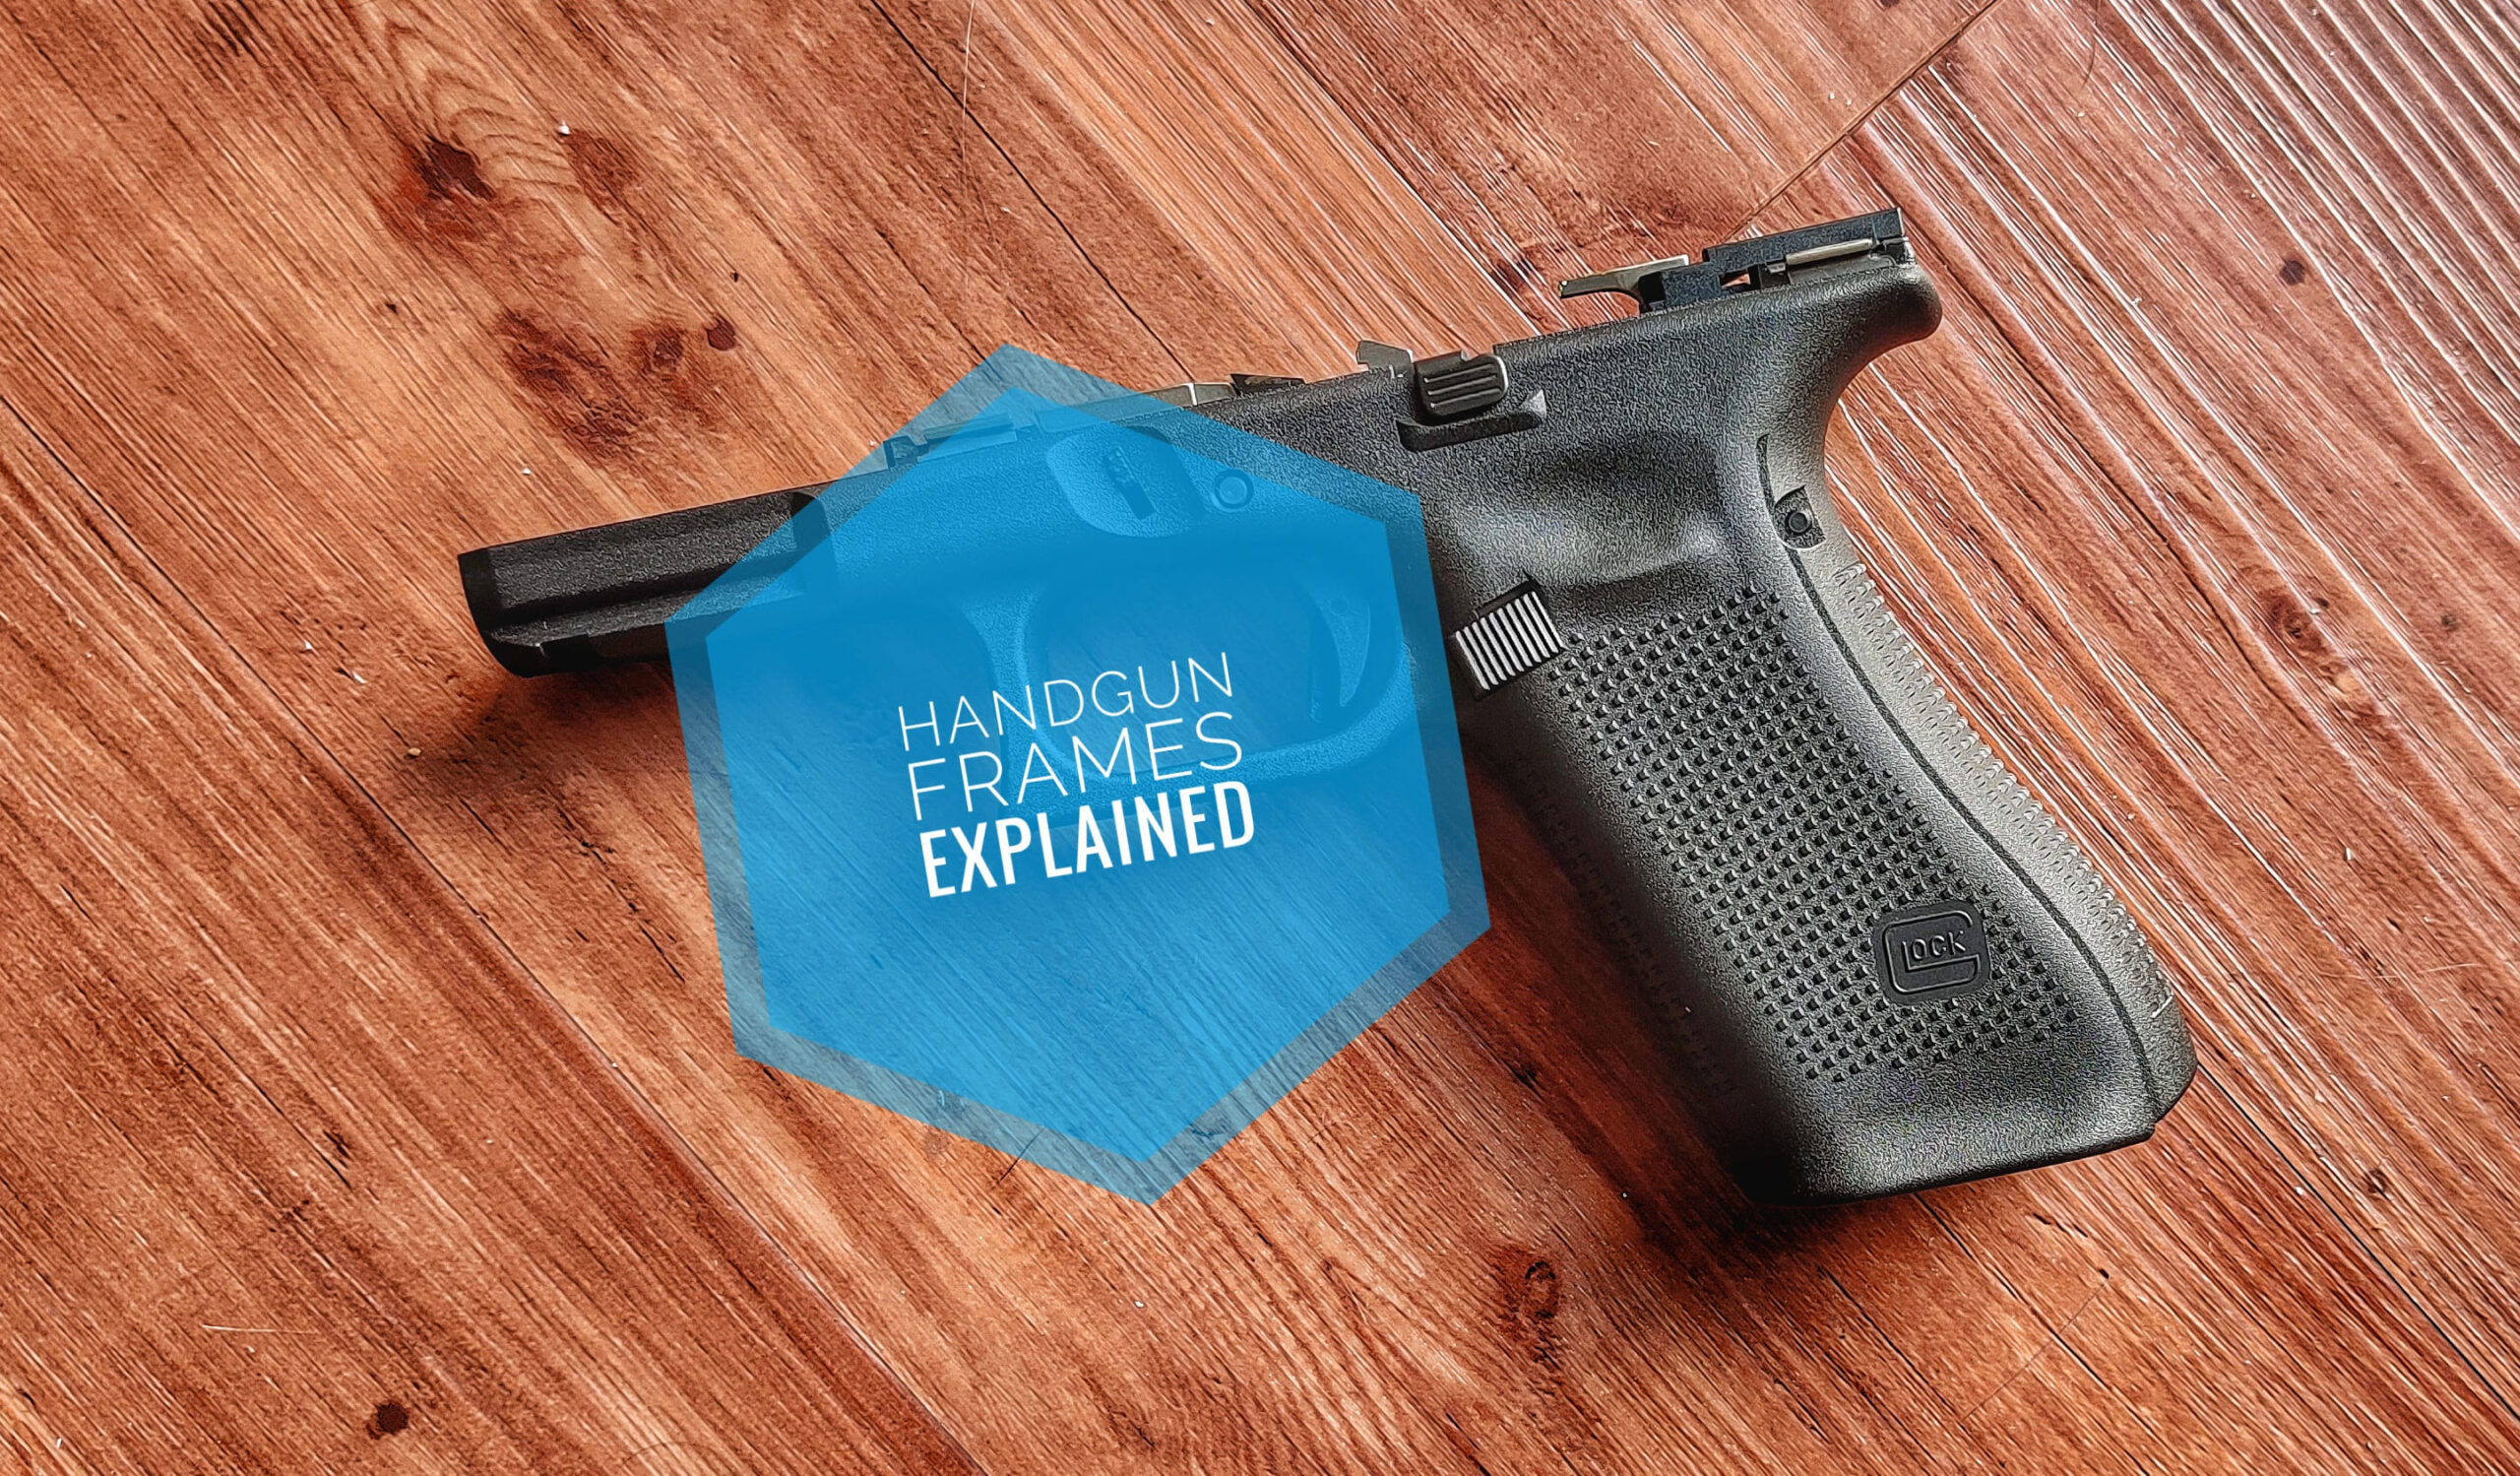 Handgun Frames Explained scaled